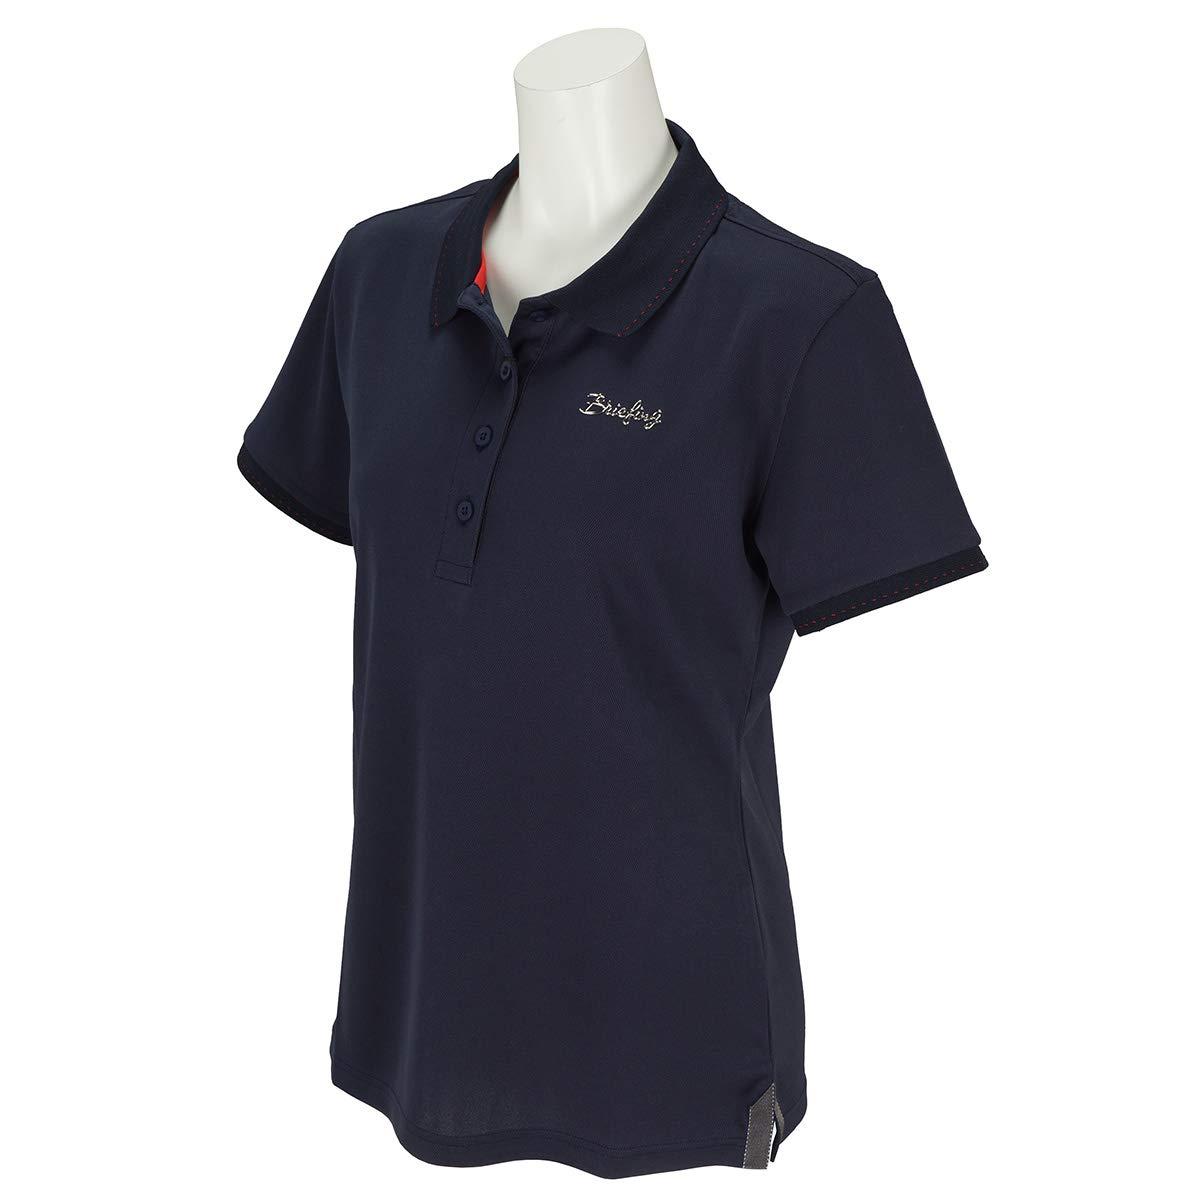 ポロシャツ レディース ブリーフィング ゴルフ BRIEFING ゴルフウェア brg191w07   B07RY4X2V1